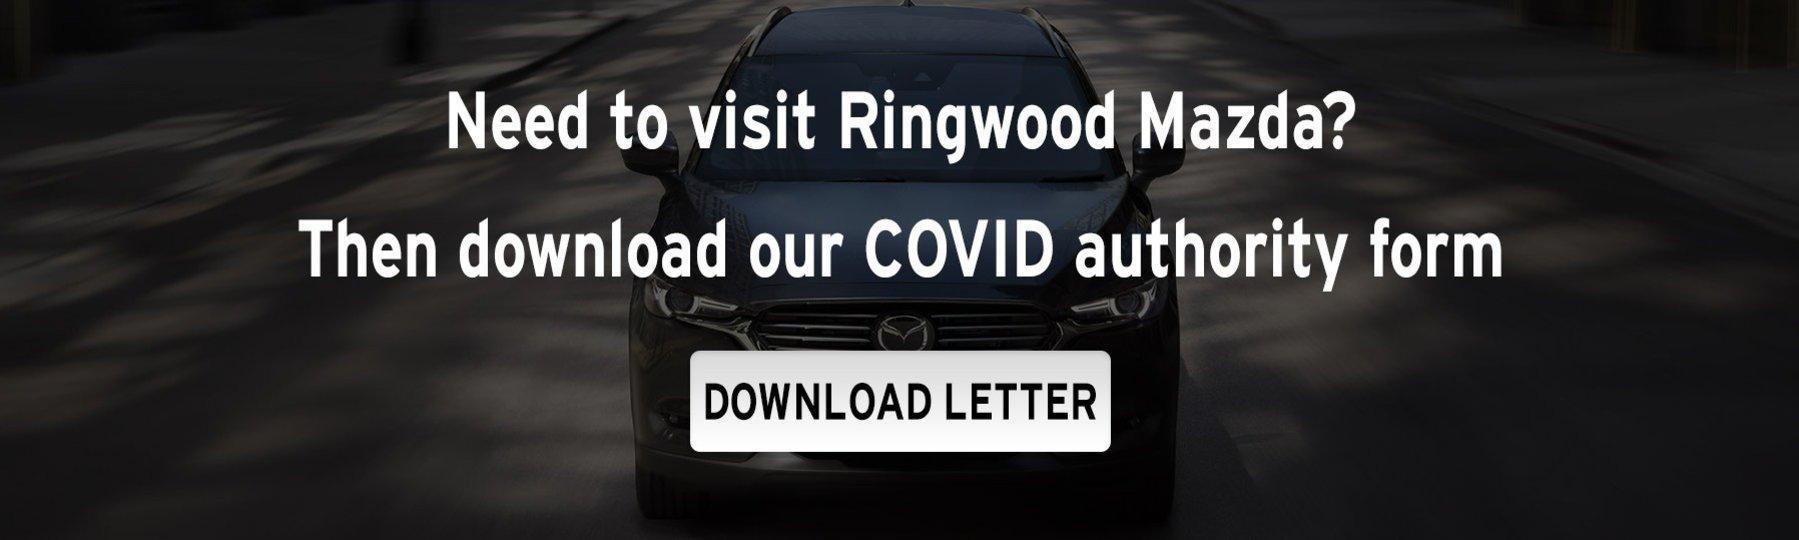 Ringwood Mazda COVID-19 Authority Form